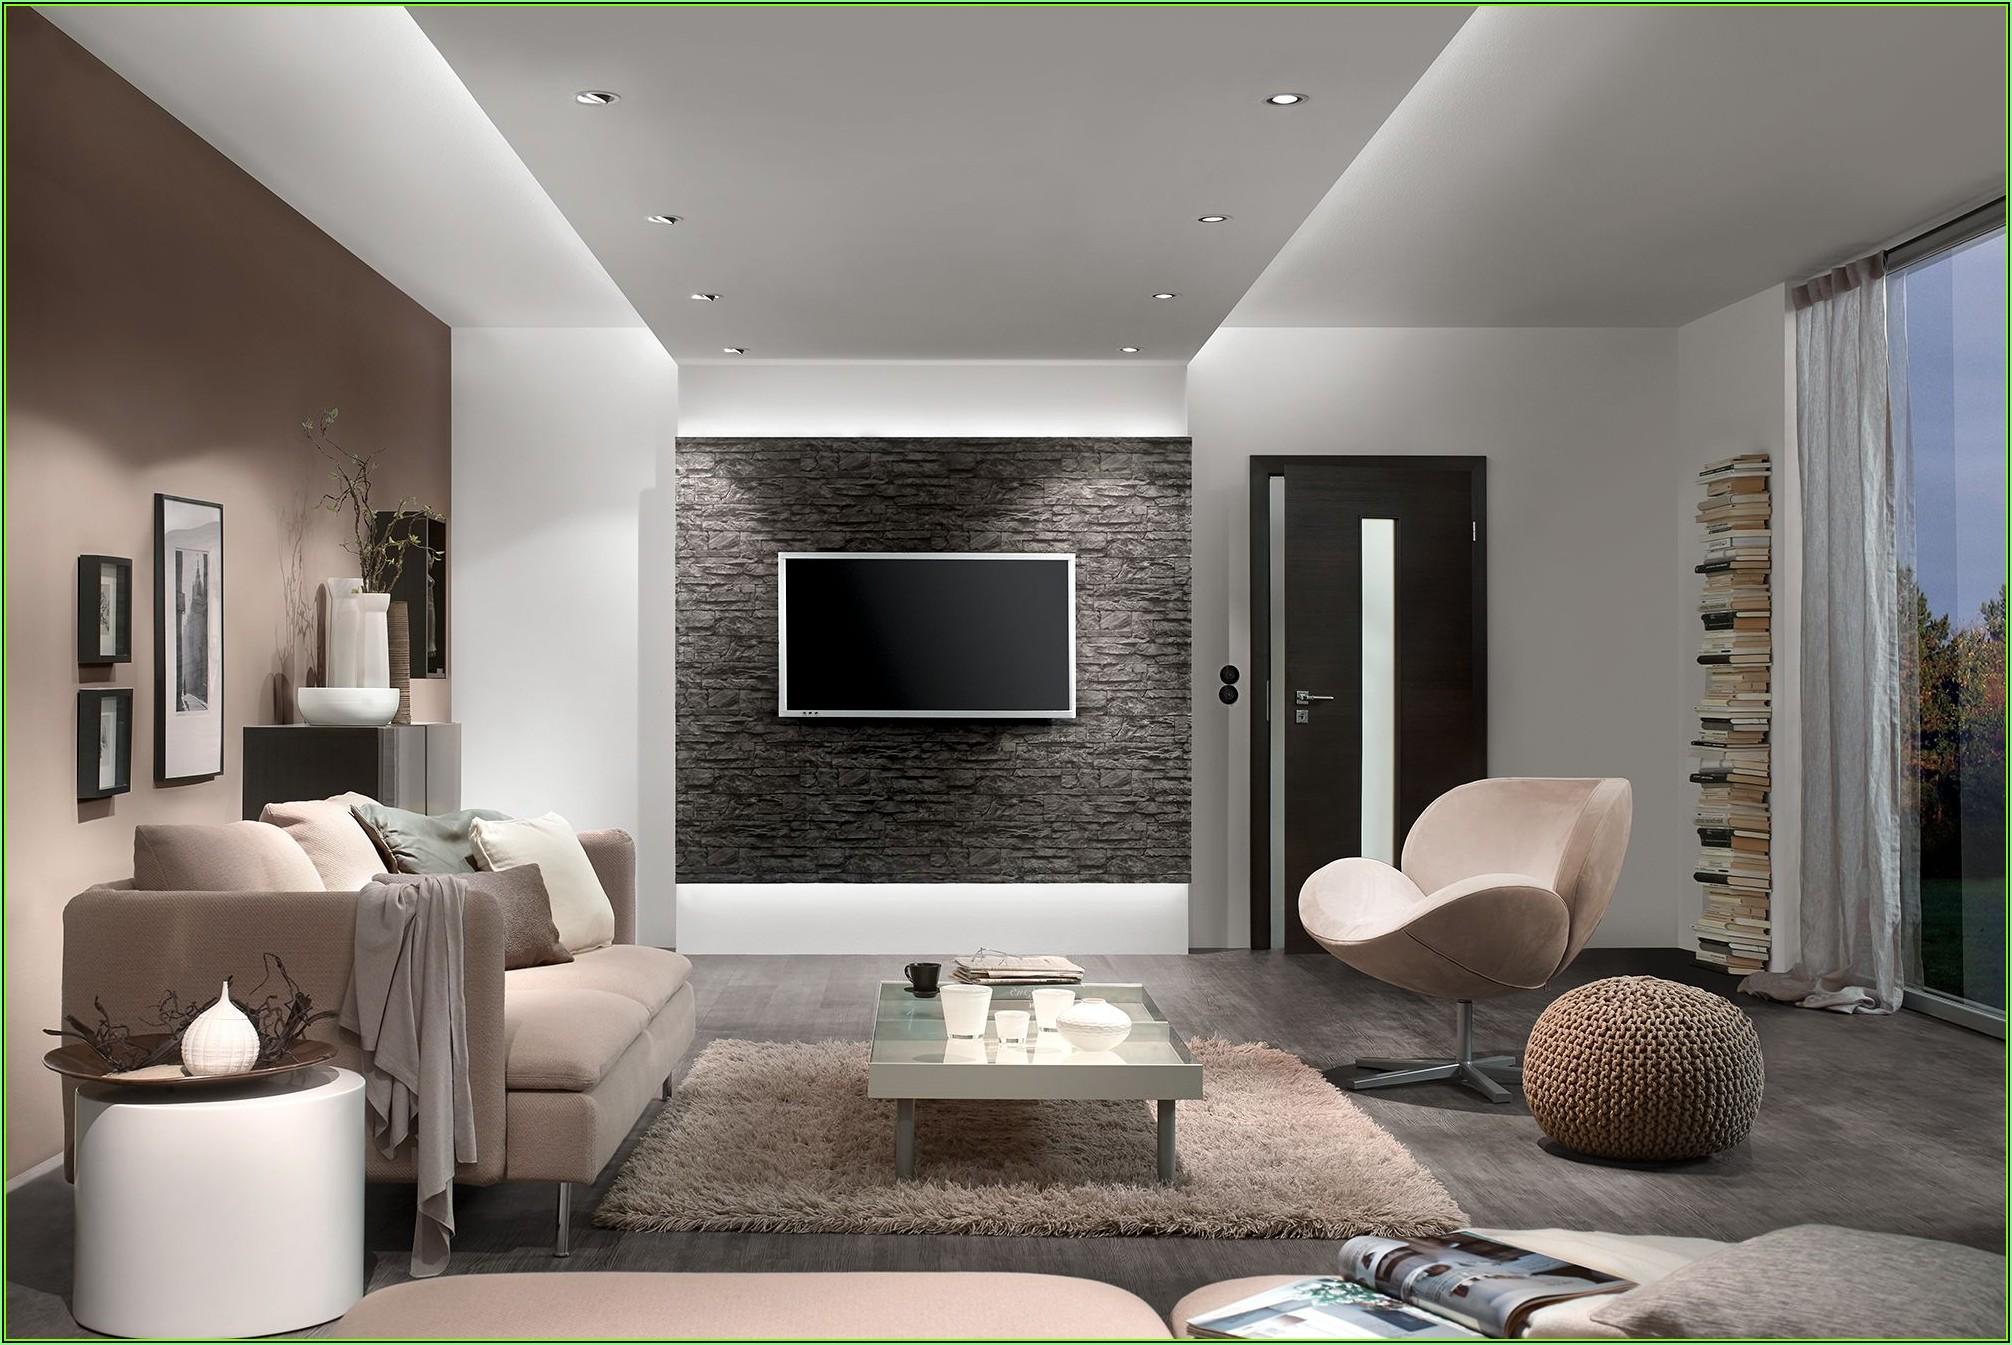 Bilder Beleuchtung Wohnzimmer